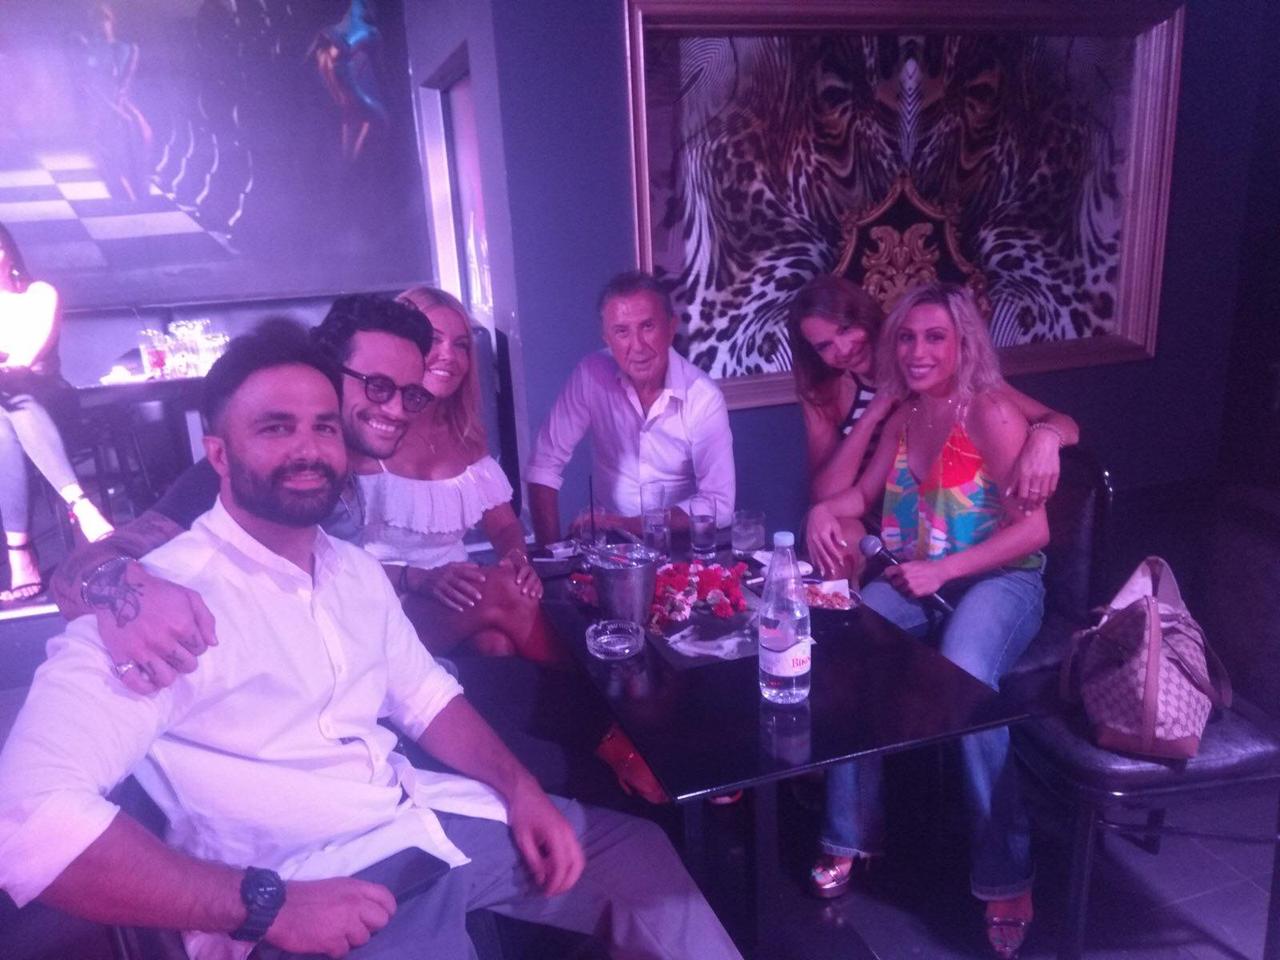 Νίκος Αναγνωστόπουλος, Κωνσταντίνος Φραντζής, Χριστίνα Παππά, Αργύρης Παπαργυρόπουλος, Νικολέττα Καρρά, Μαρία Καρλάκη